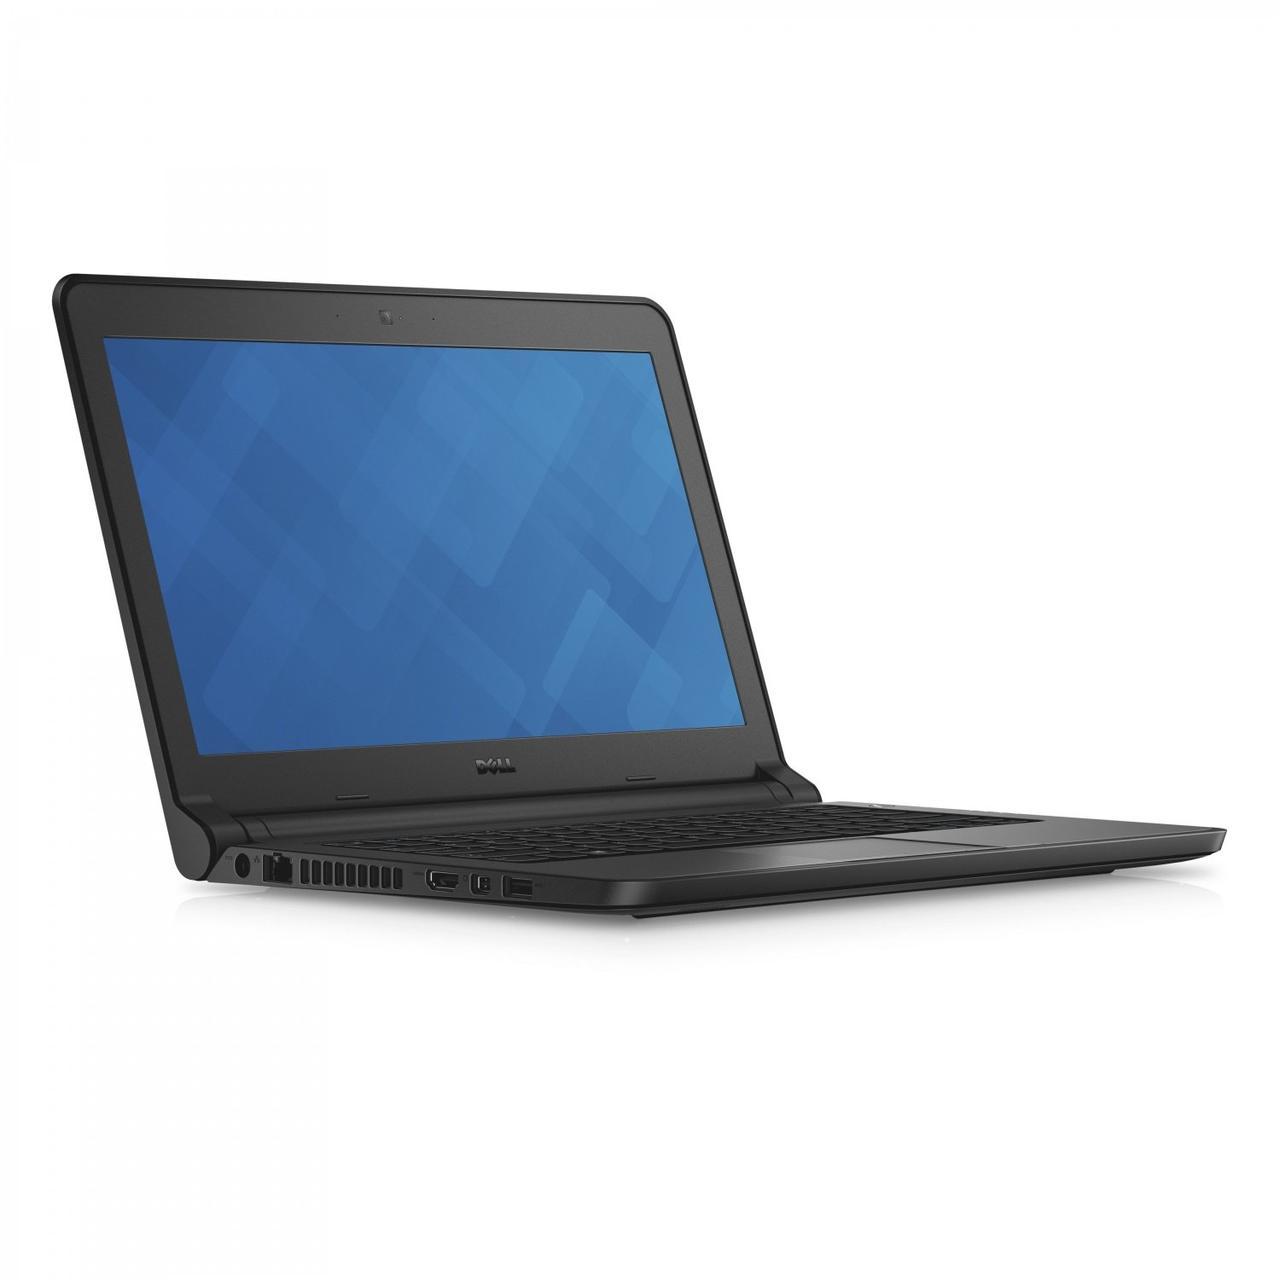 Ноутбук Dell Latitude 3350-Intel Core i3-5005U-2.0 GHz-4Gb-DDR3-500Gb HDD-W13.3-Web-(C)- Б/У